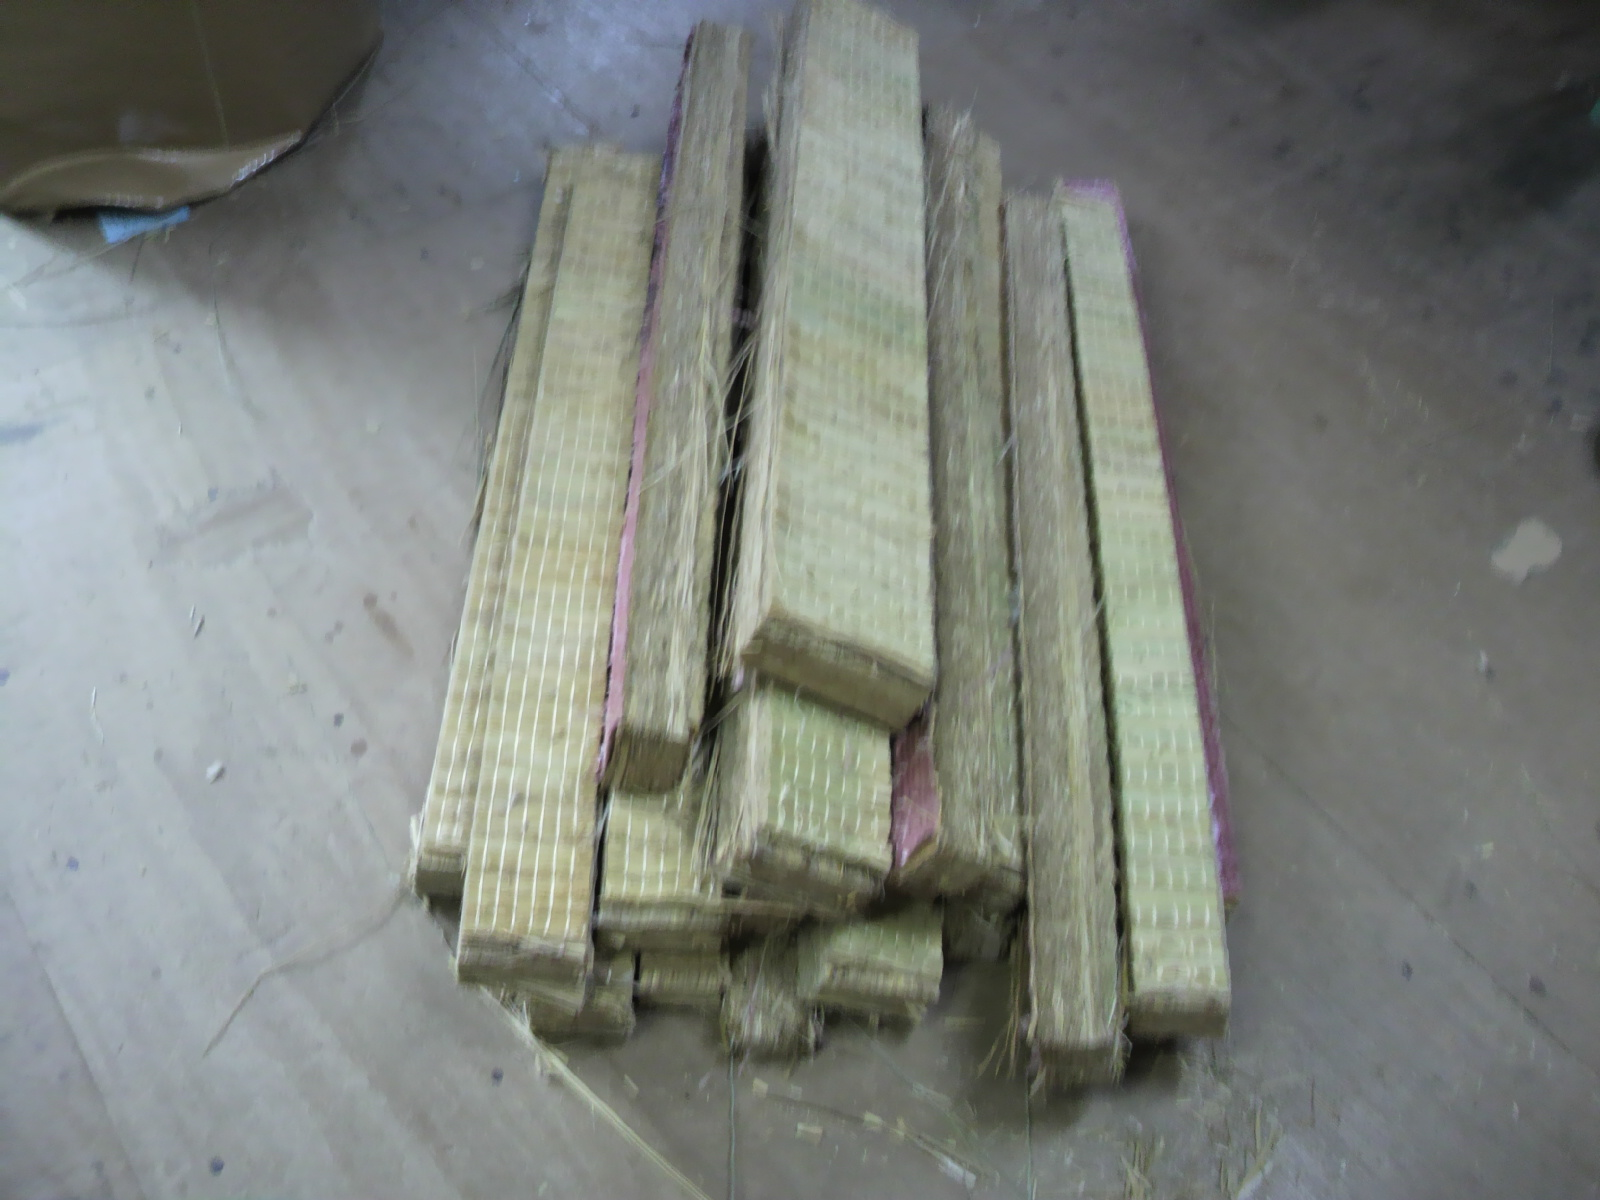 藁床の切れ端